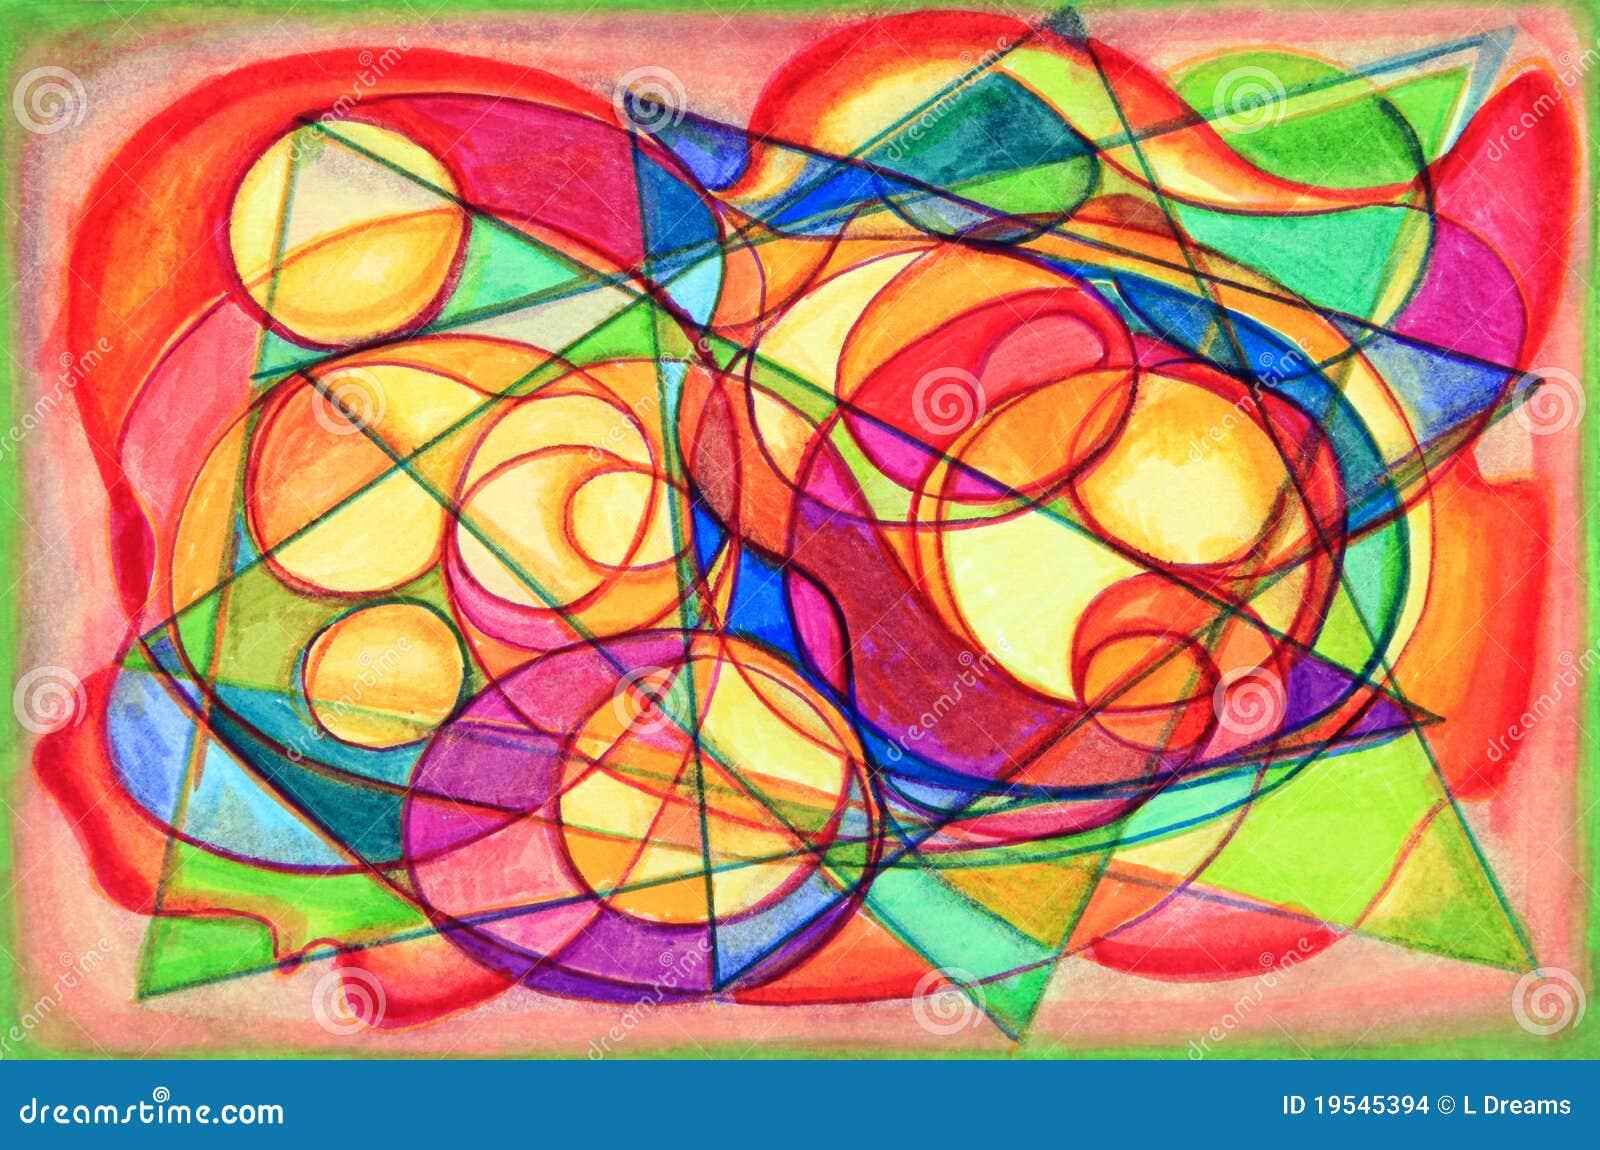 Peinture abstraite cubiste color e images stock image 19545394 - Peinture abstraite coloree ...